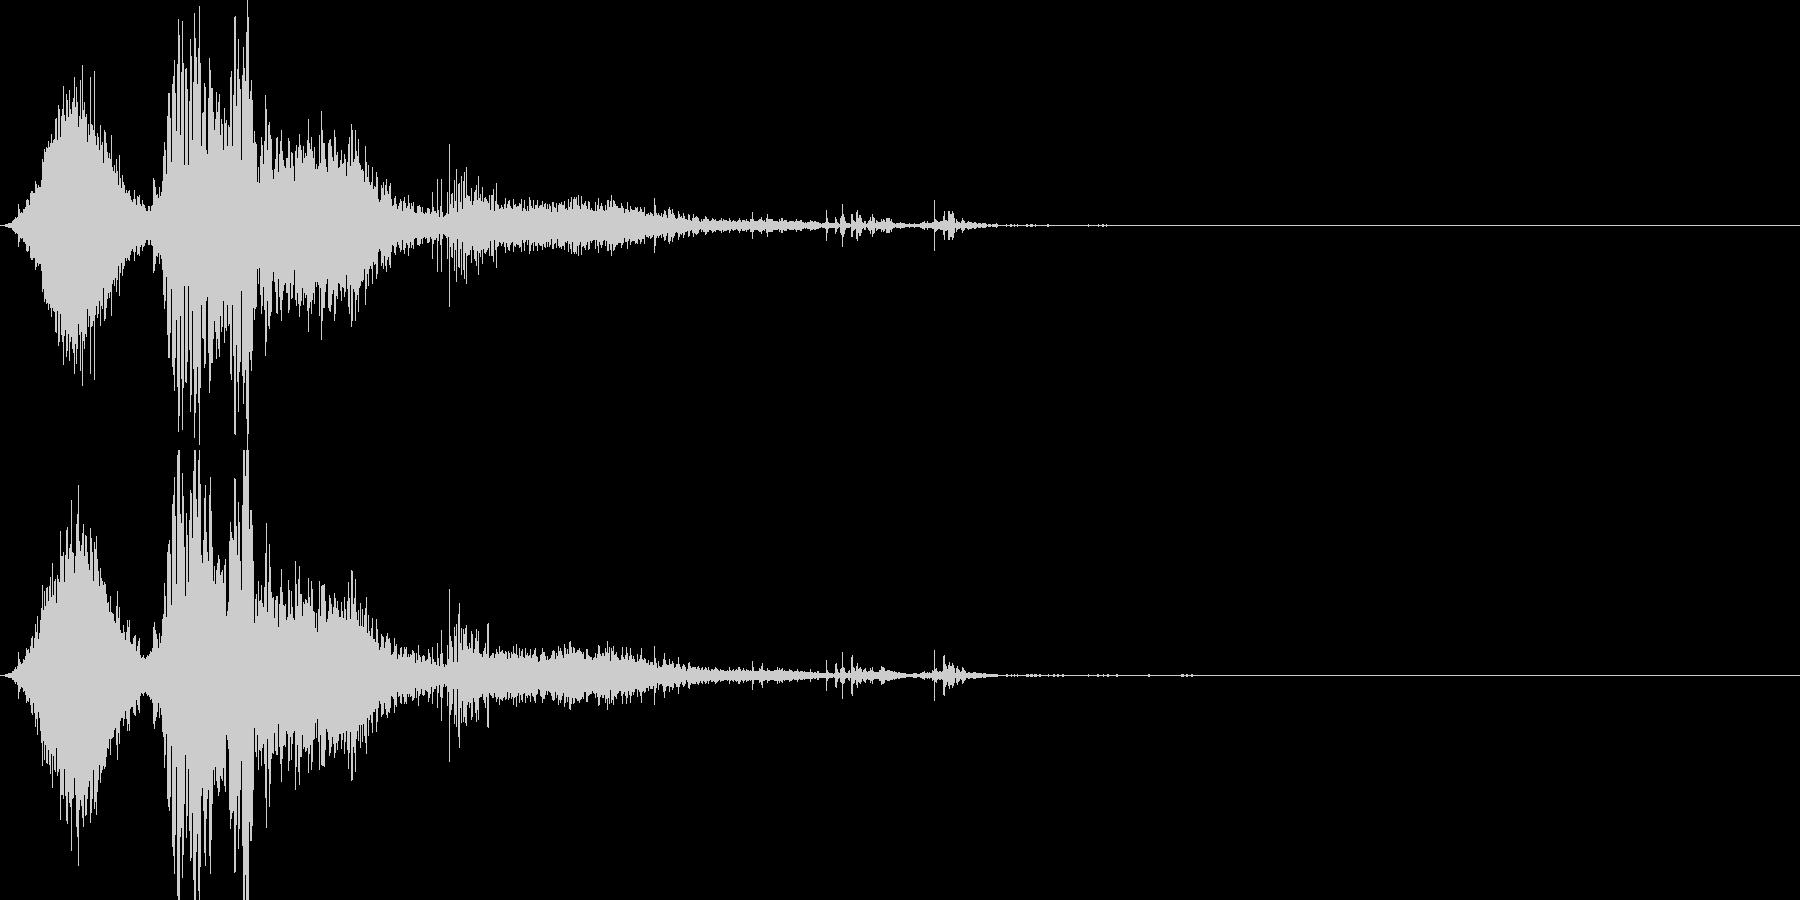 斬撃音(刀や剣で斬る/刺す効果音)16bの未再生の波形